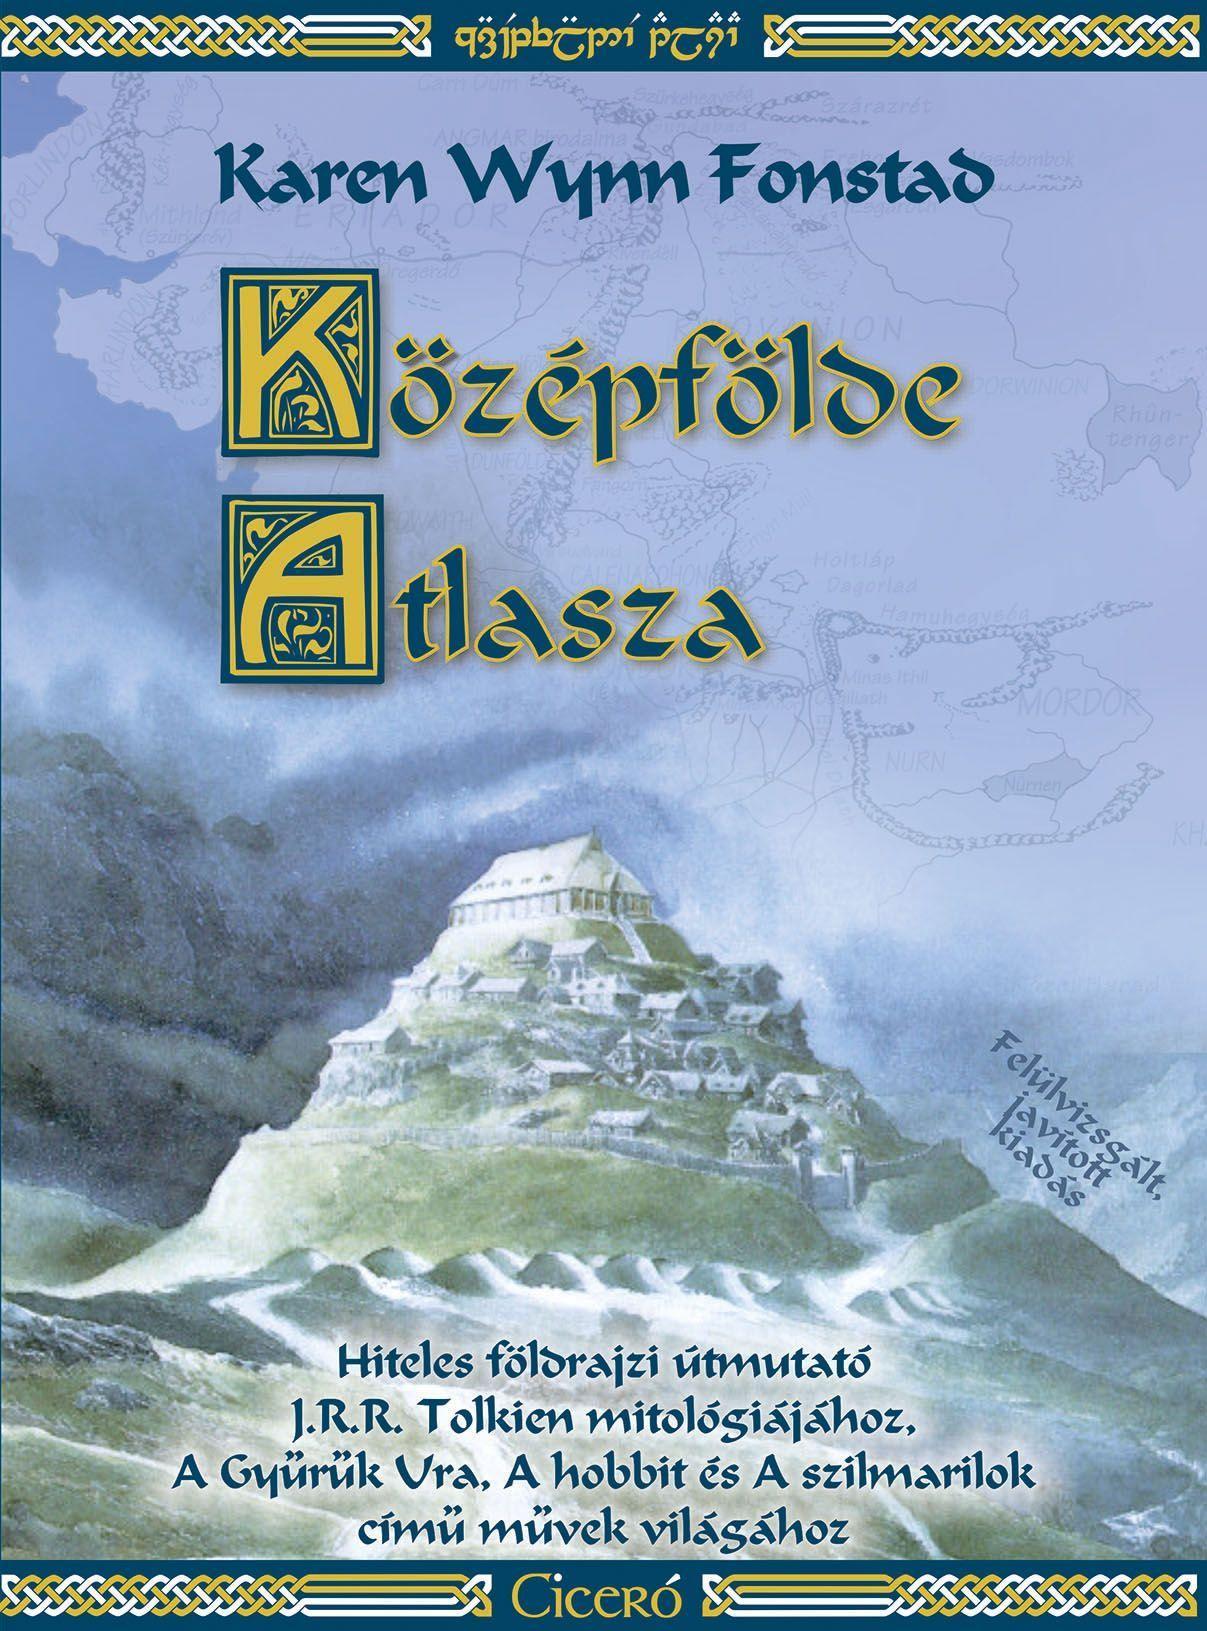 KÖZÉPFÖLDE ATLASZA - ÚJ, JAVÍTOTT KIADÁS